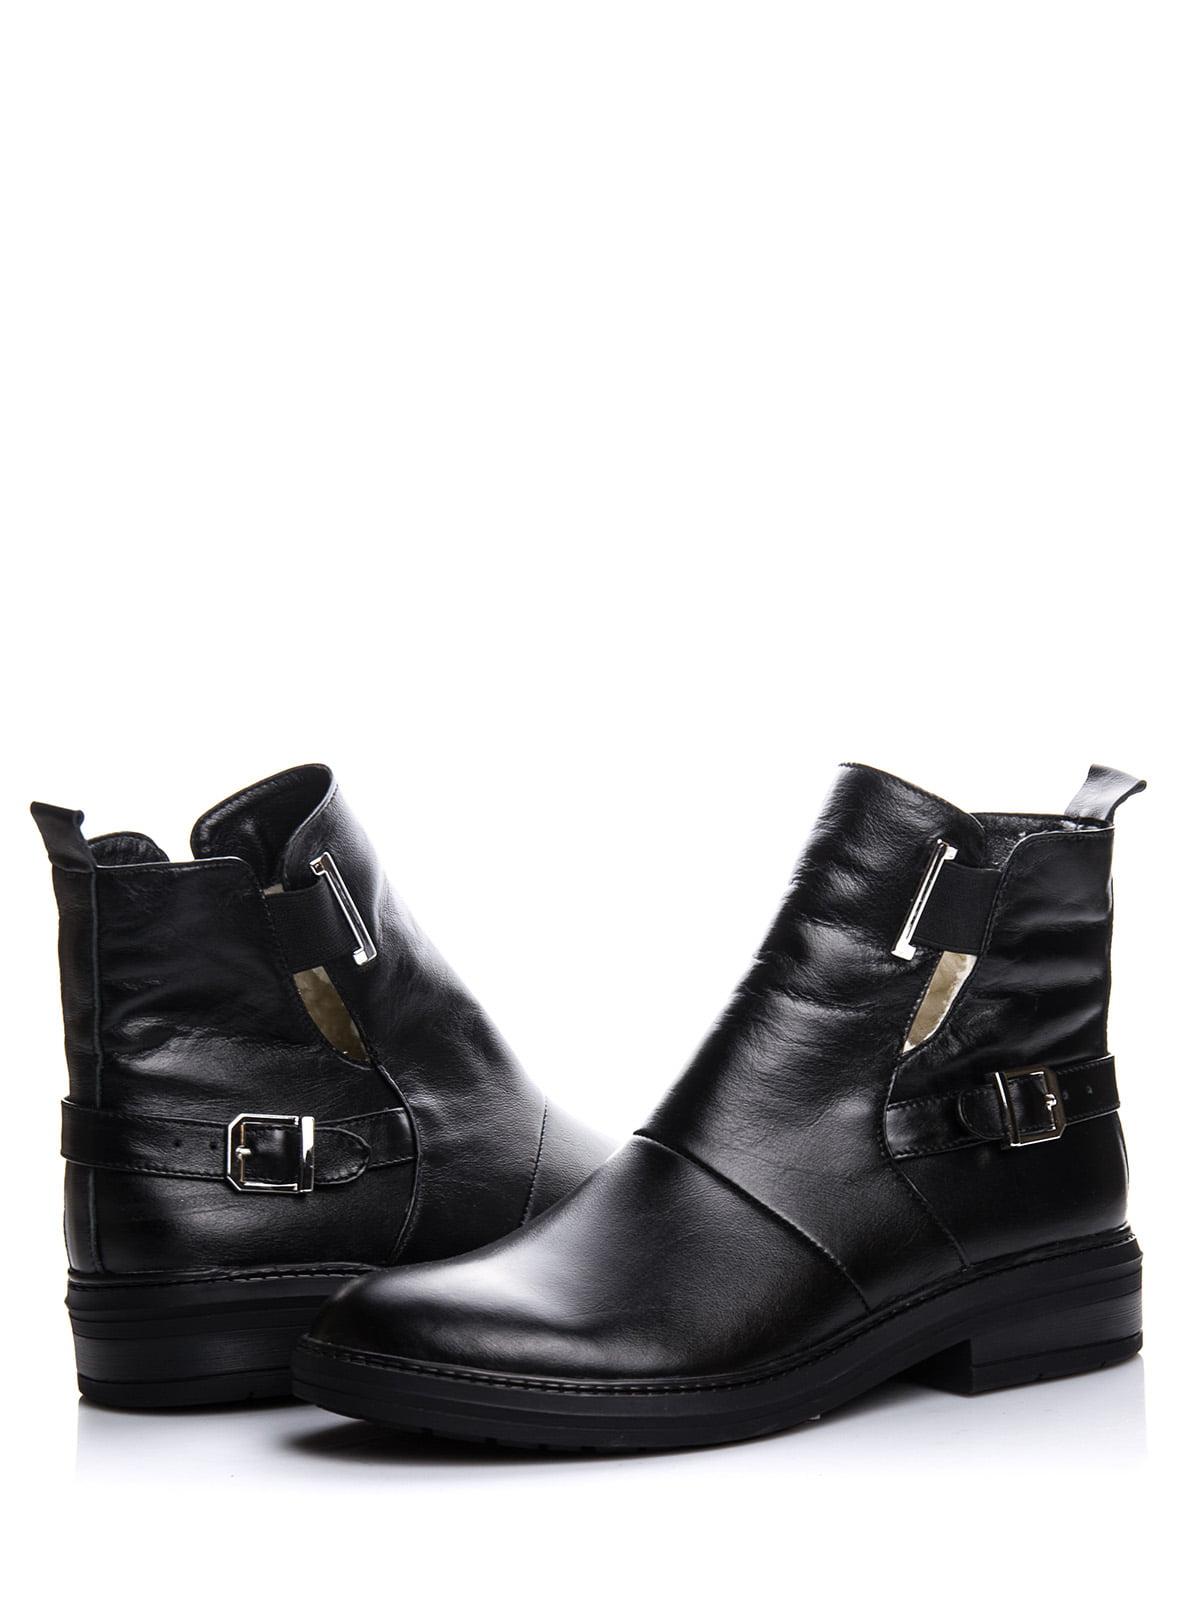 Ботинки черные | 4643282 | фото 2